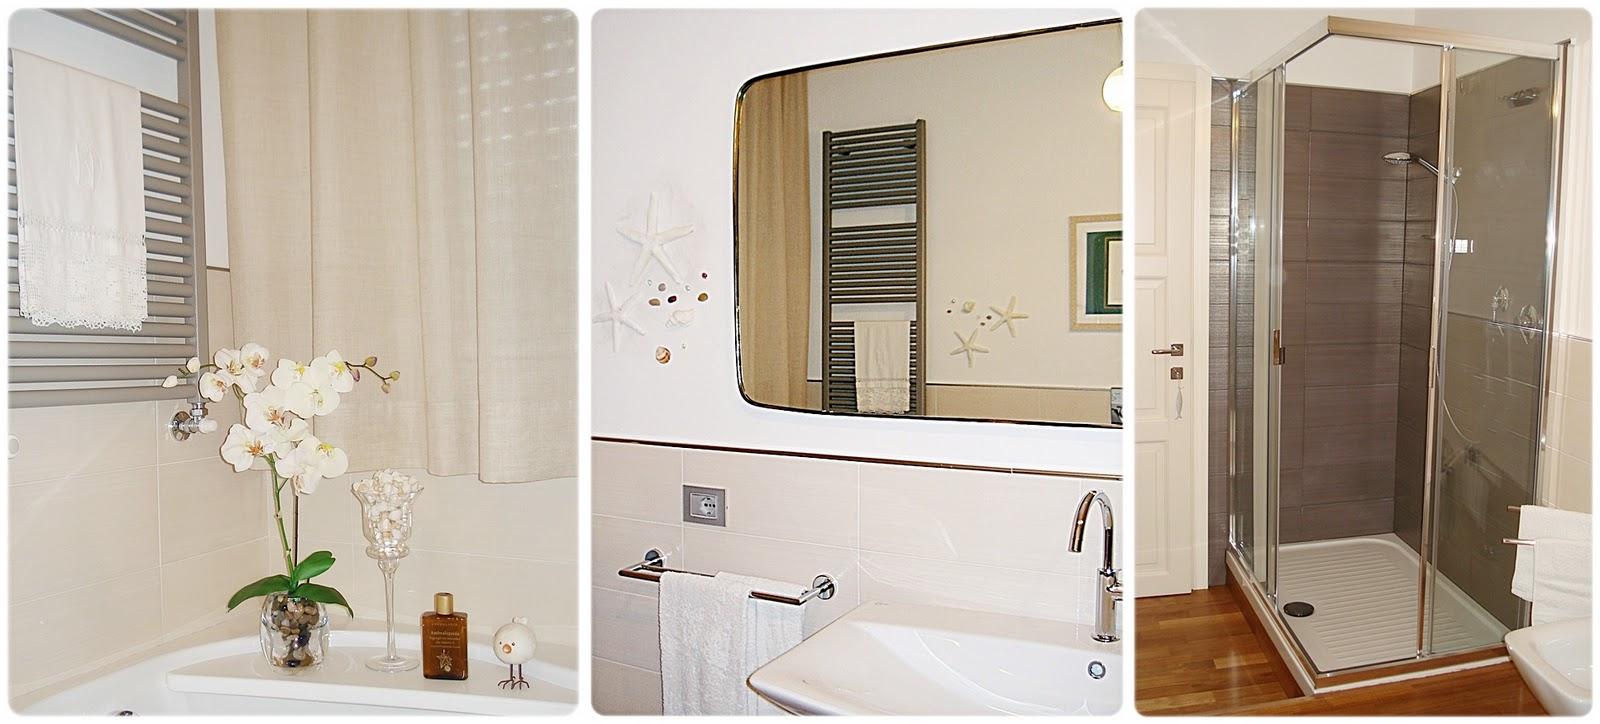 Mami g acciaio e parquet e il mio bagno - Tris tappeti bagno ...